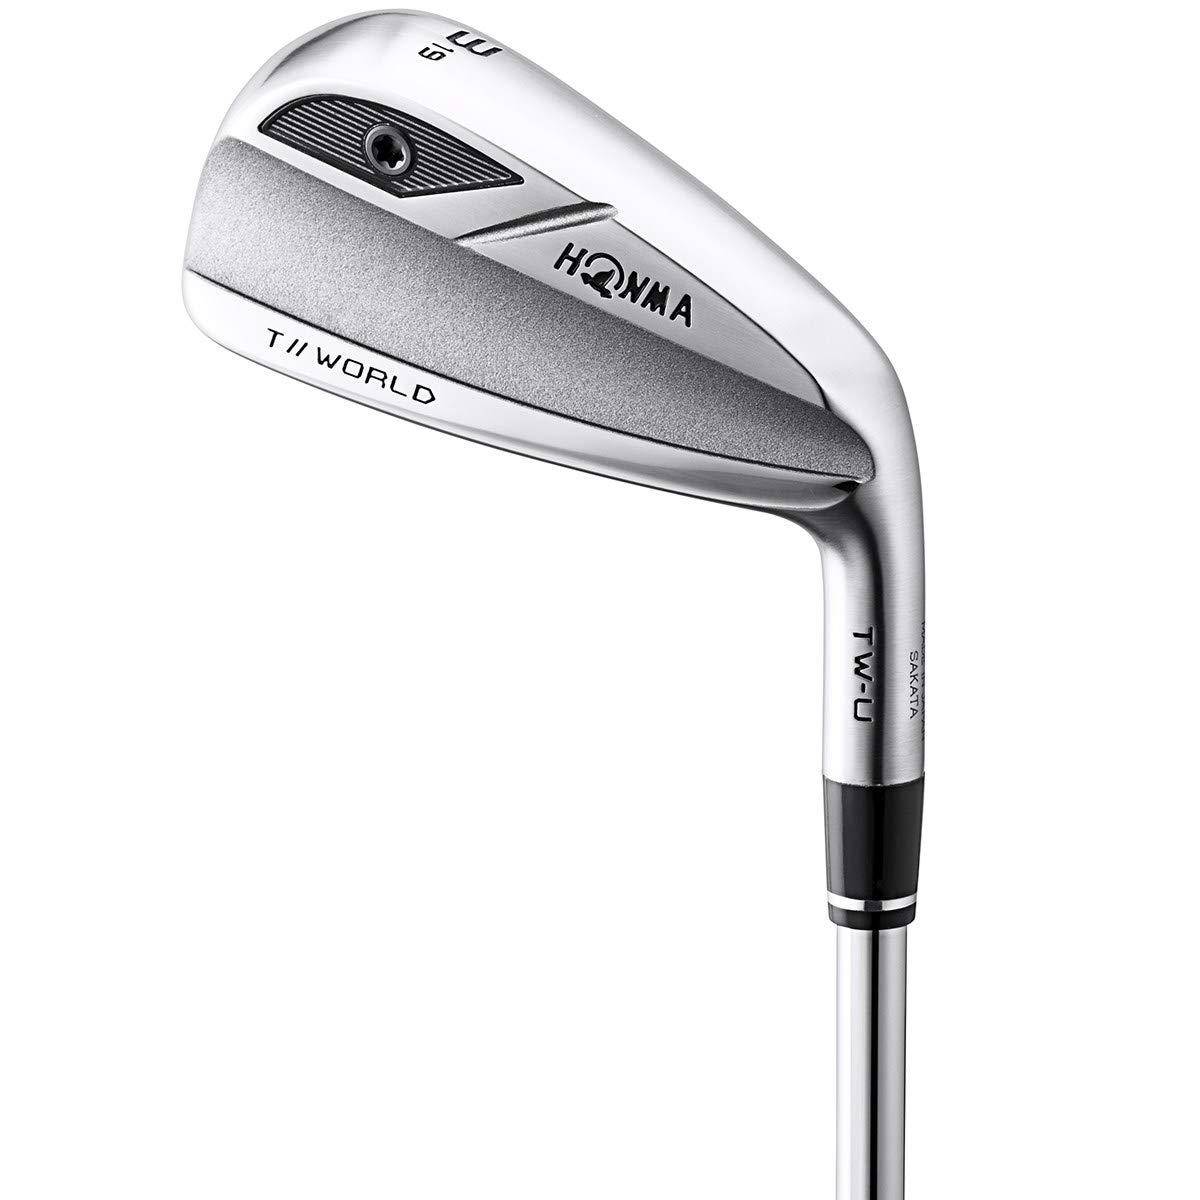 本間ゴルフ T//WORLD TW-U3 アイアン型ユーティリティ VIZARD For TW747 カーボン メンズ 3290000894310027 右 ロフト角:19度 番手:#3 フレックス:S B07NSKHMV9